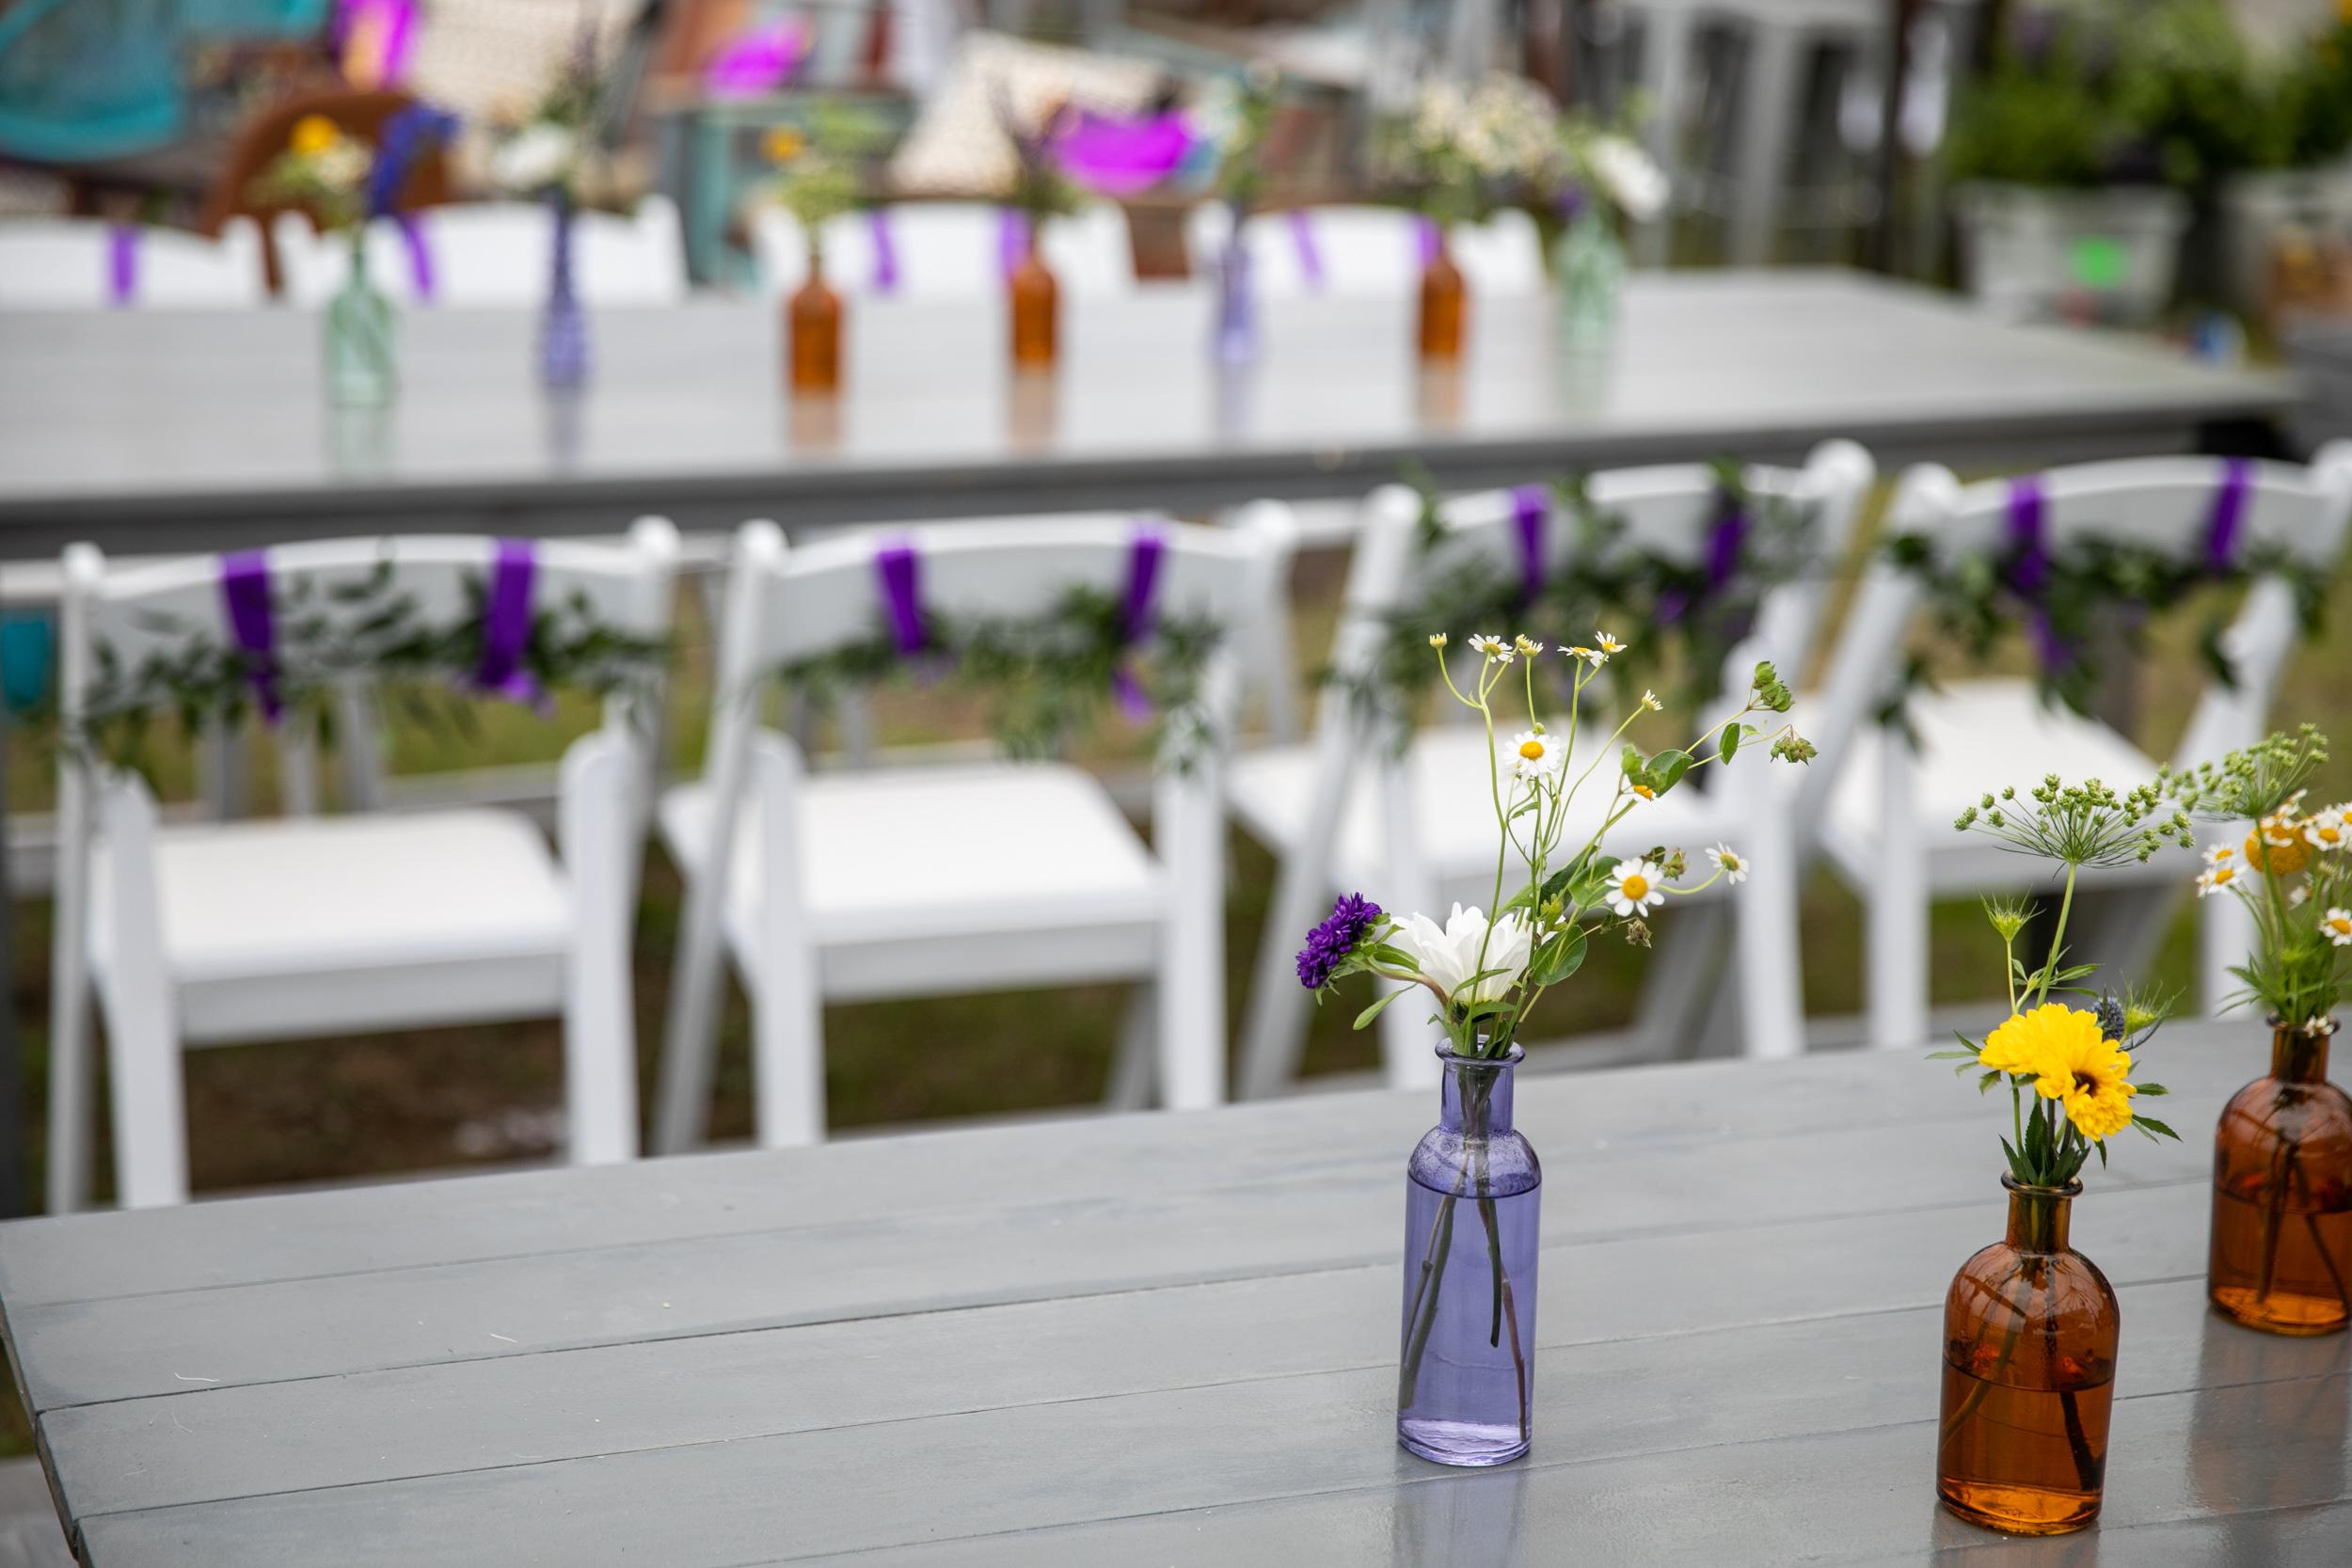 Coachella_Graduation_Party_Malloy_Events_Production_floral_flowers